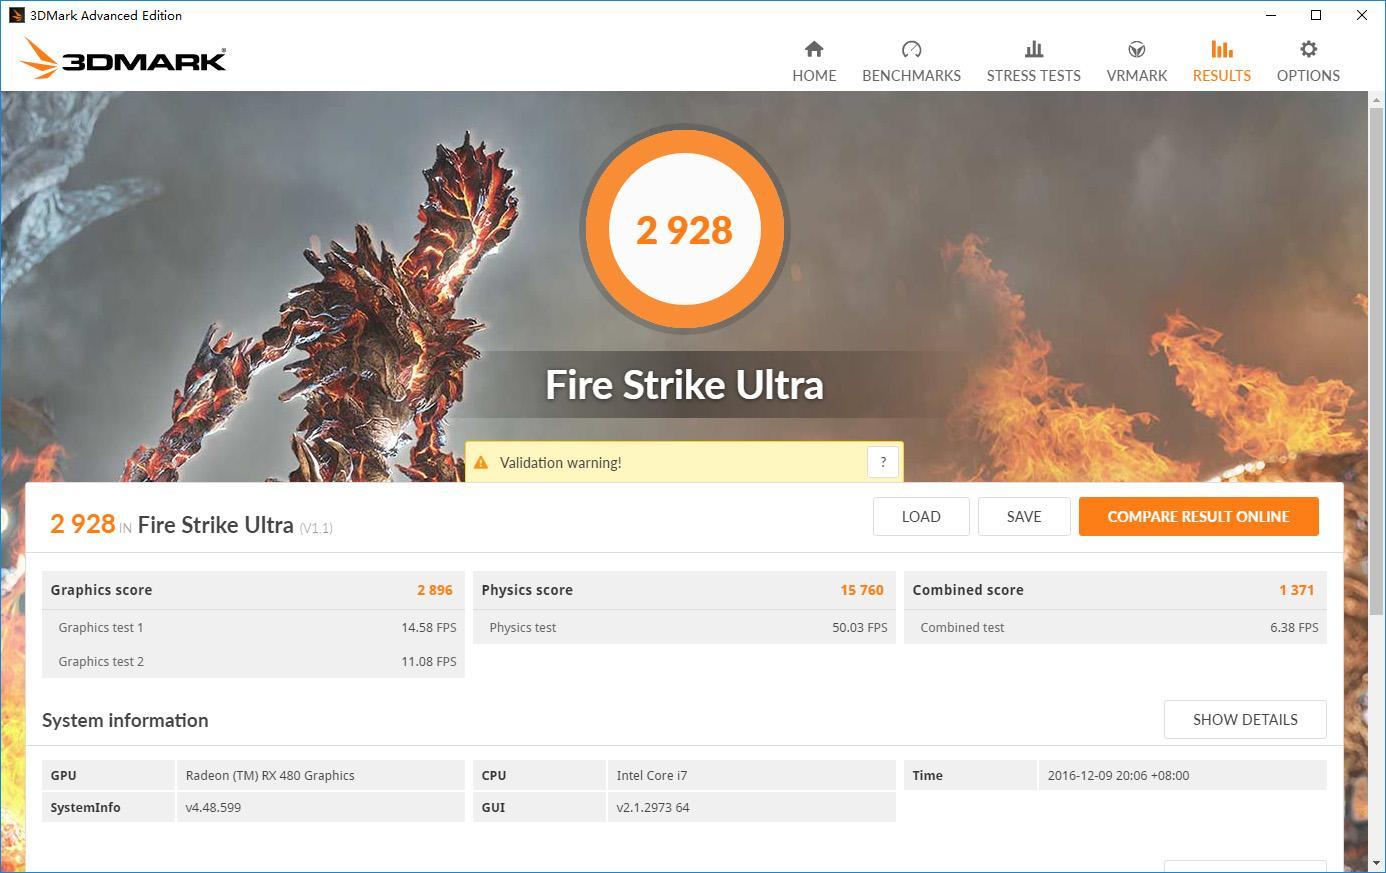 intel-core-i7-7700k_5-ghz_3dmark-firestrike-ultra